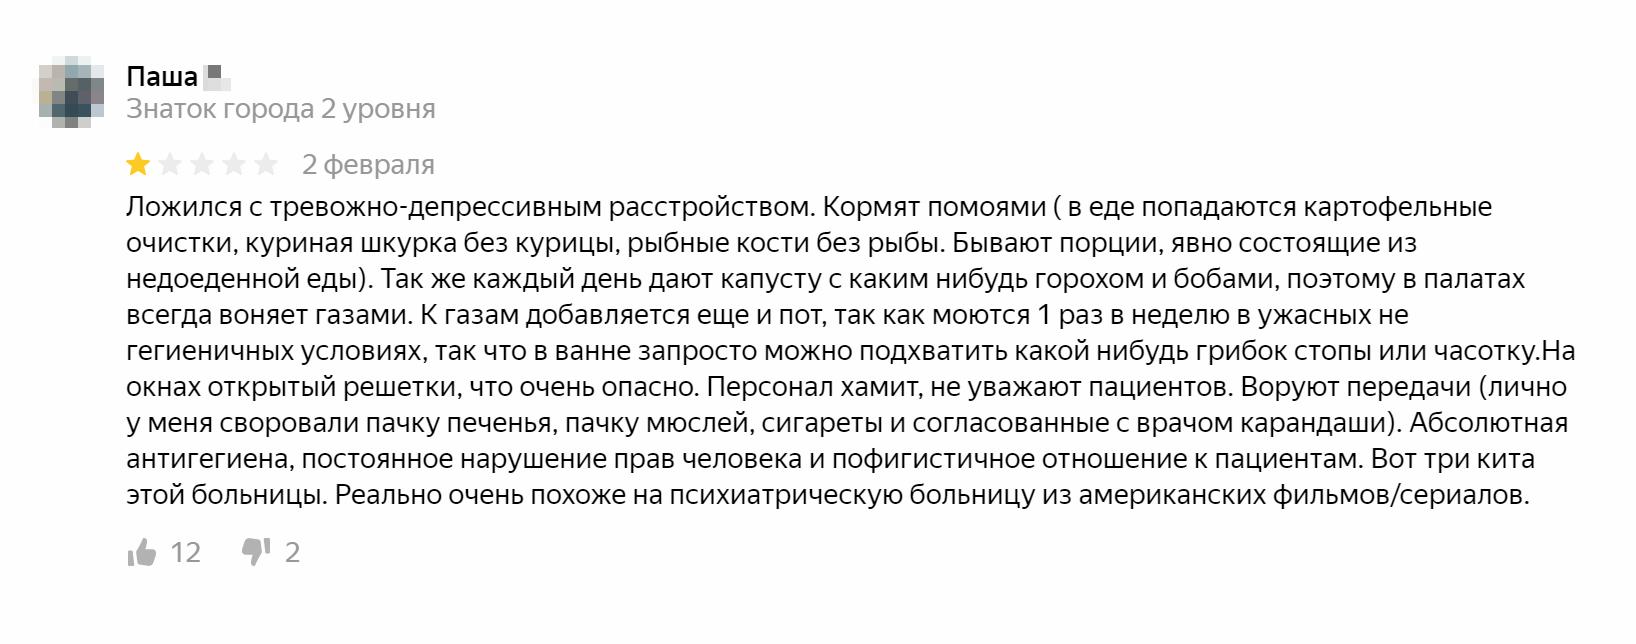 Так описывает условия один изпациентов больницы имени Скворцова-Степанова. Янезнаю, насколько онбыл здоров, когда писал отзыв. Ноусловия вбольнице ему явно непонравились. Источник: отзыв на «Яндекс-картах»